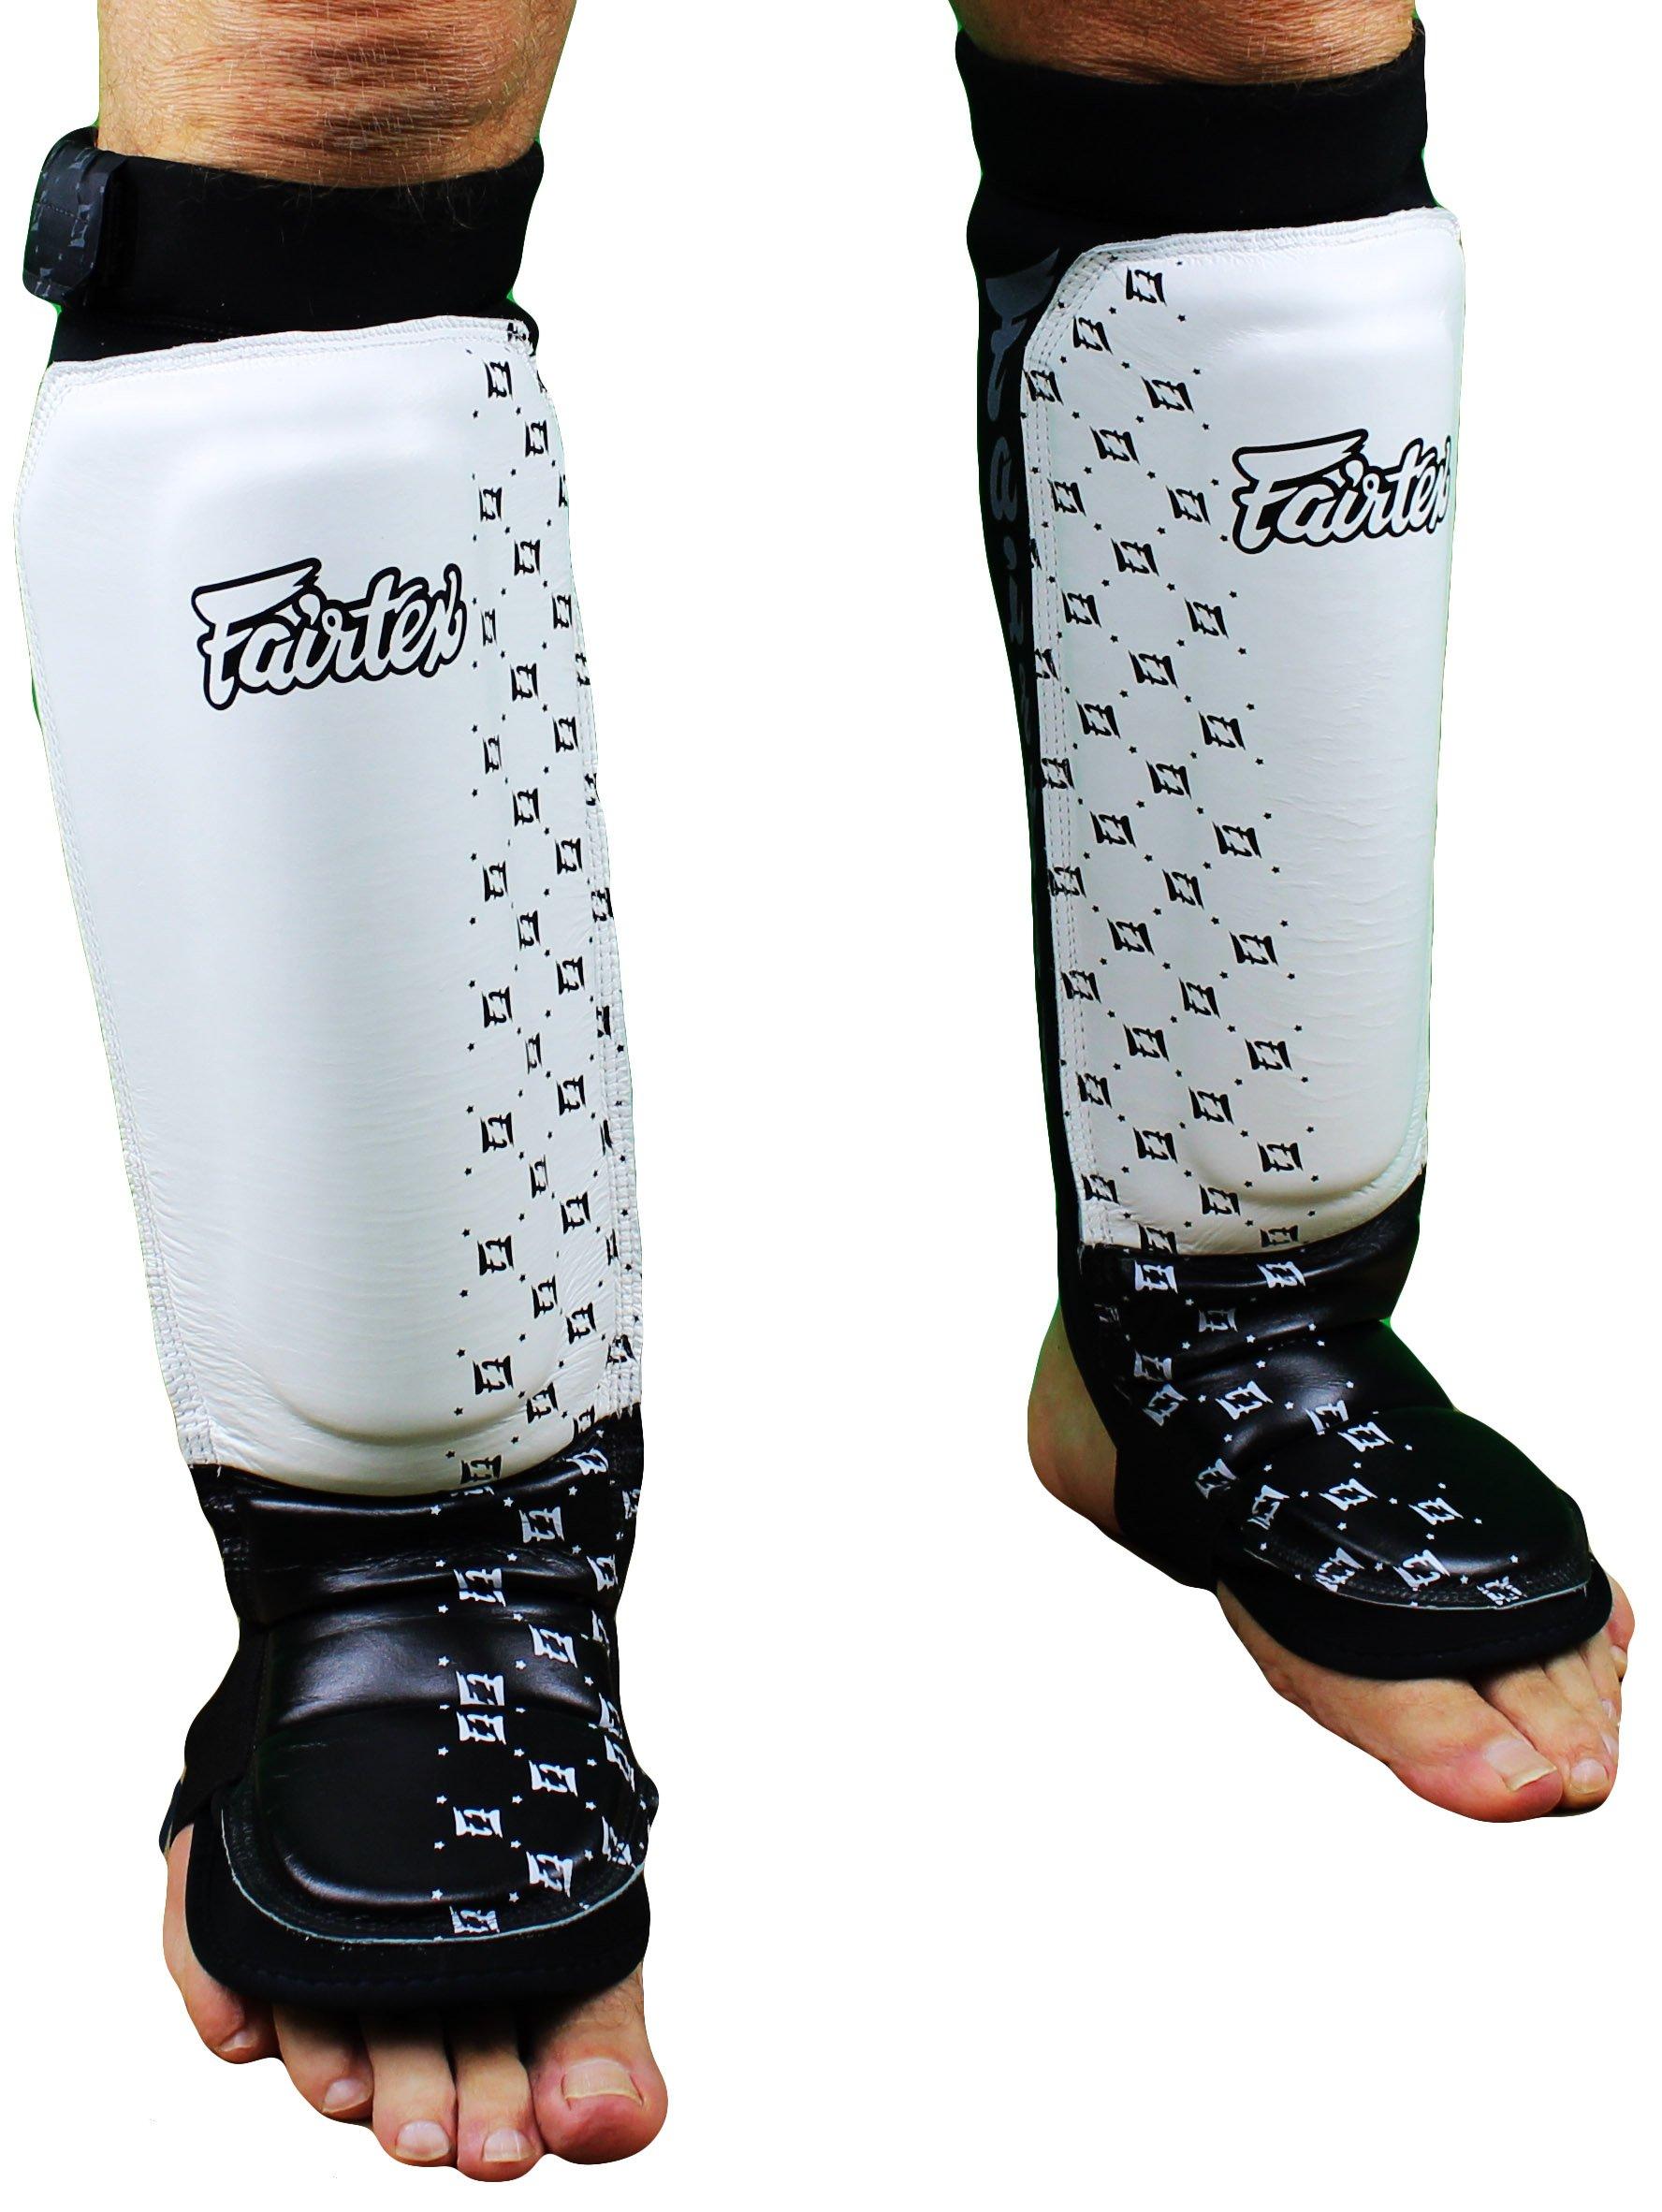 Fairtex Neoprene Shin Guards - White - Medium by Fairtex